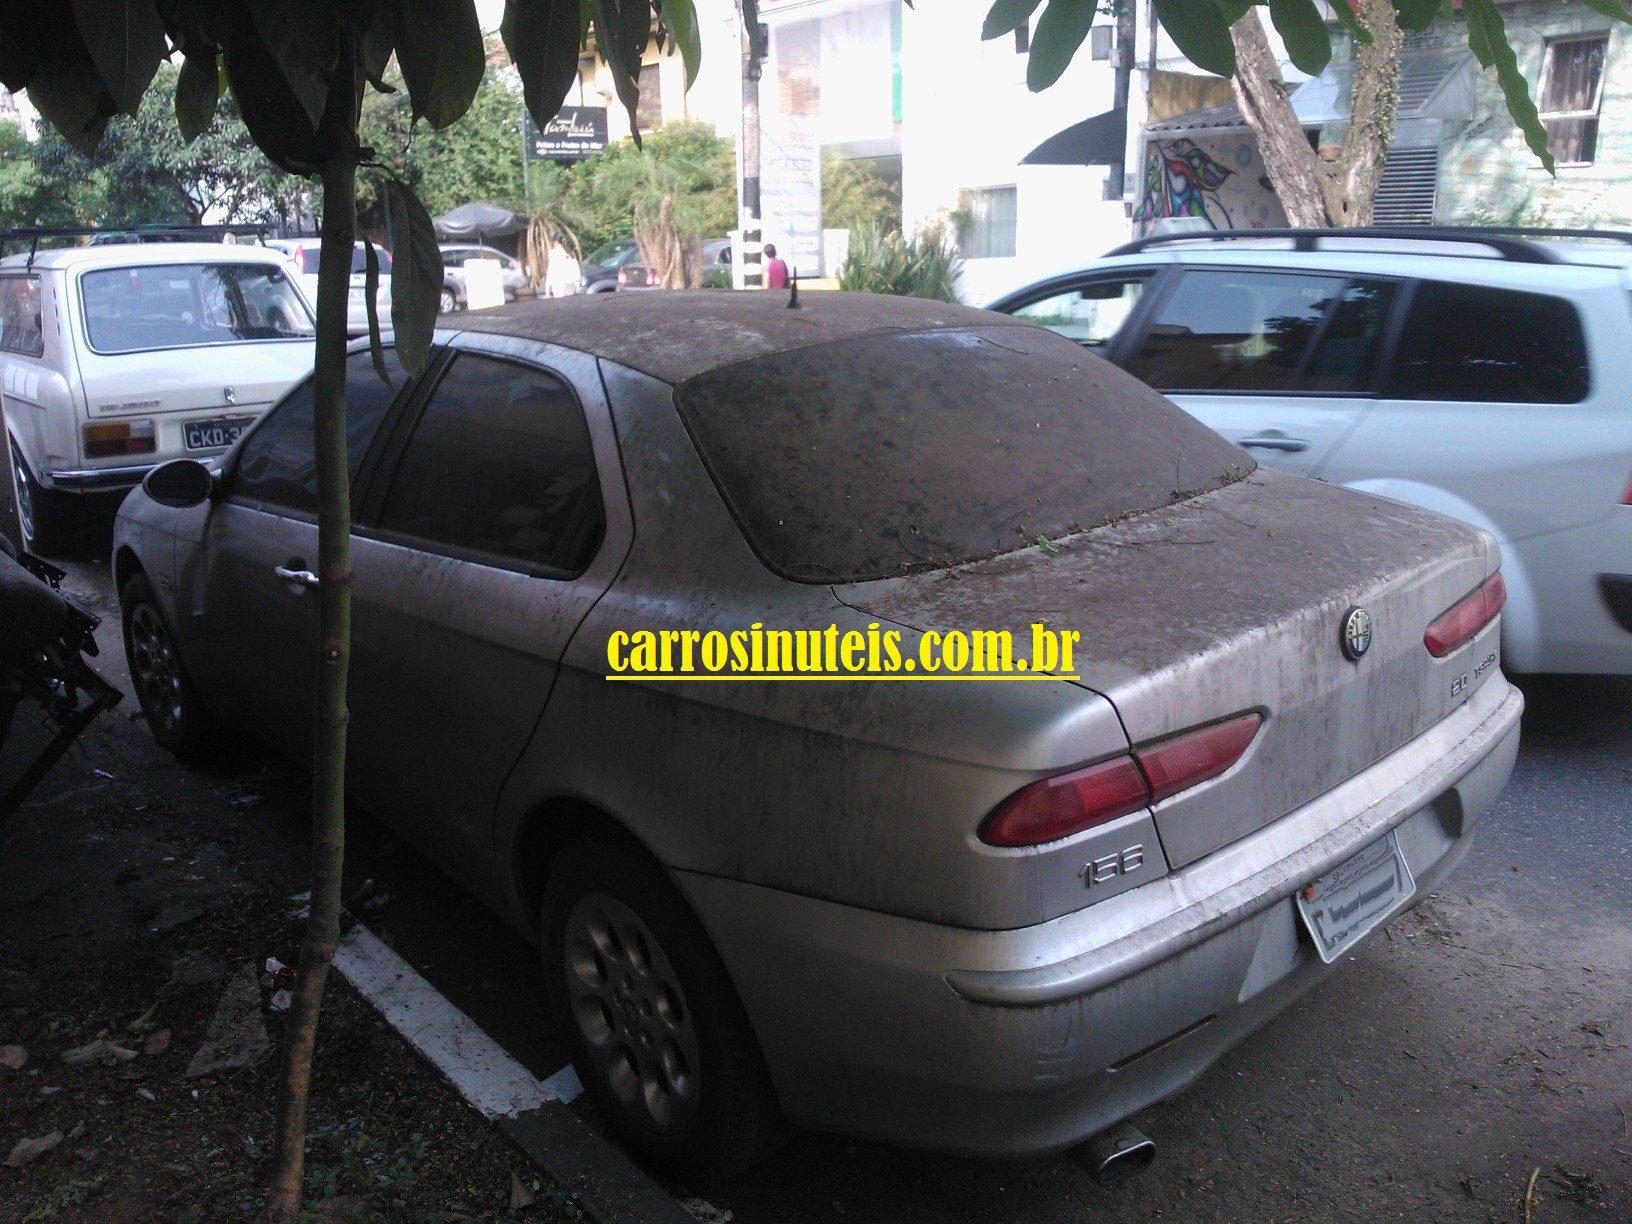 marcelo-lima-alfa-perdizes-são-paulo-sp Alfa Romeo 156, Marcelo Lima , Perdizes, São Paulo, SP